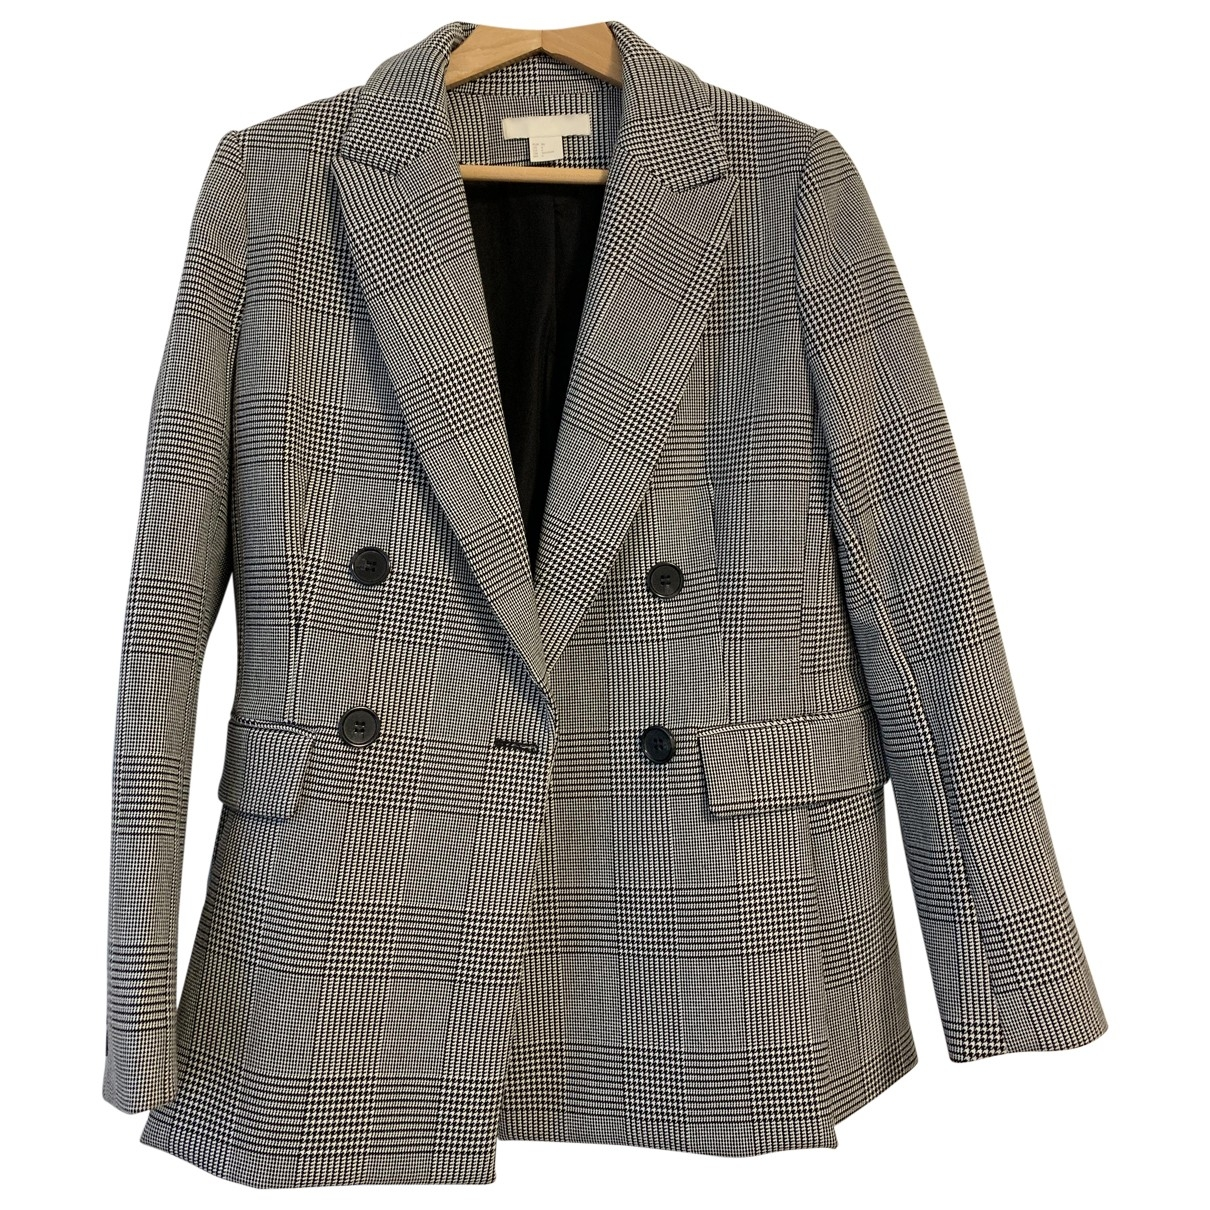 Mango \N Grey Wool jacket for Women 36 IT